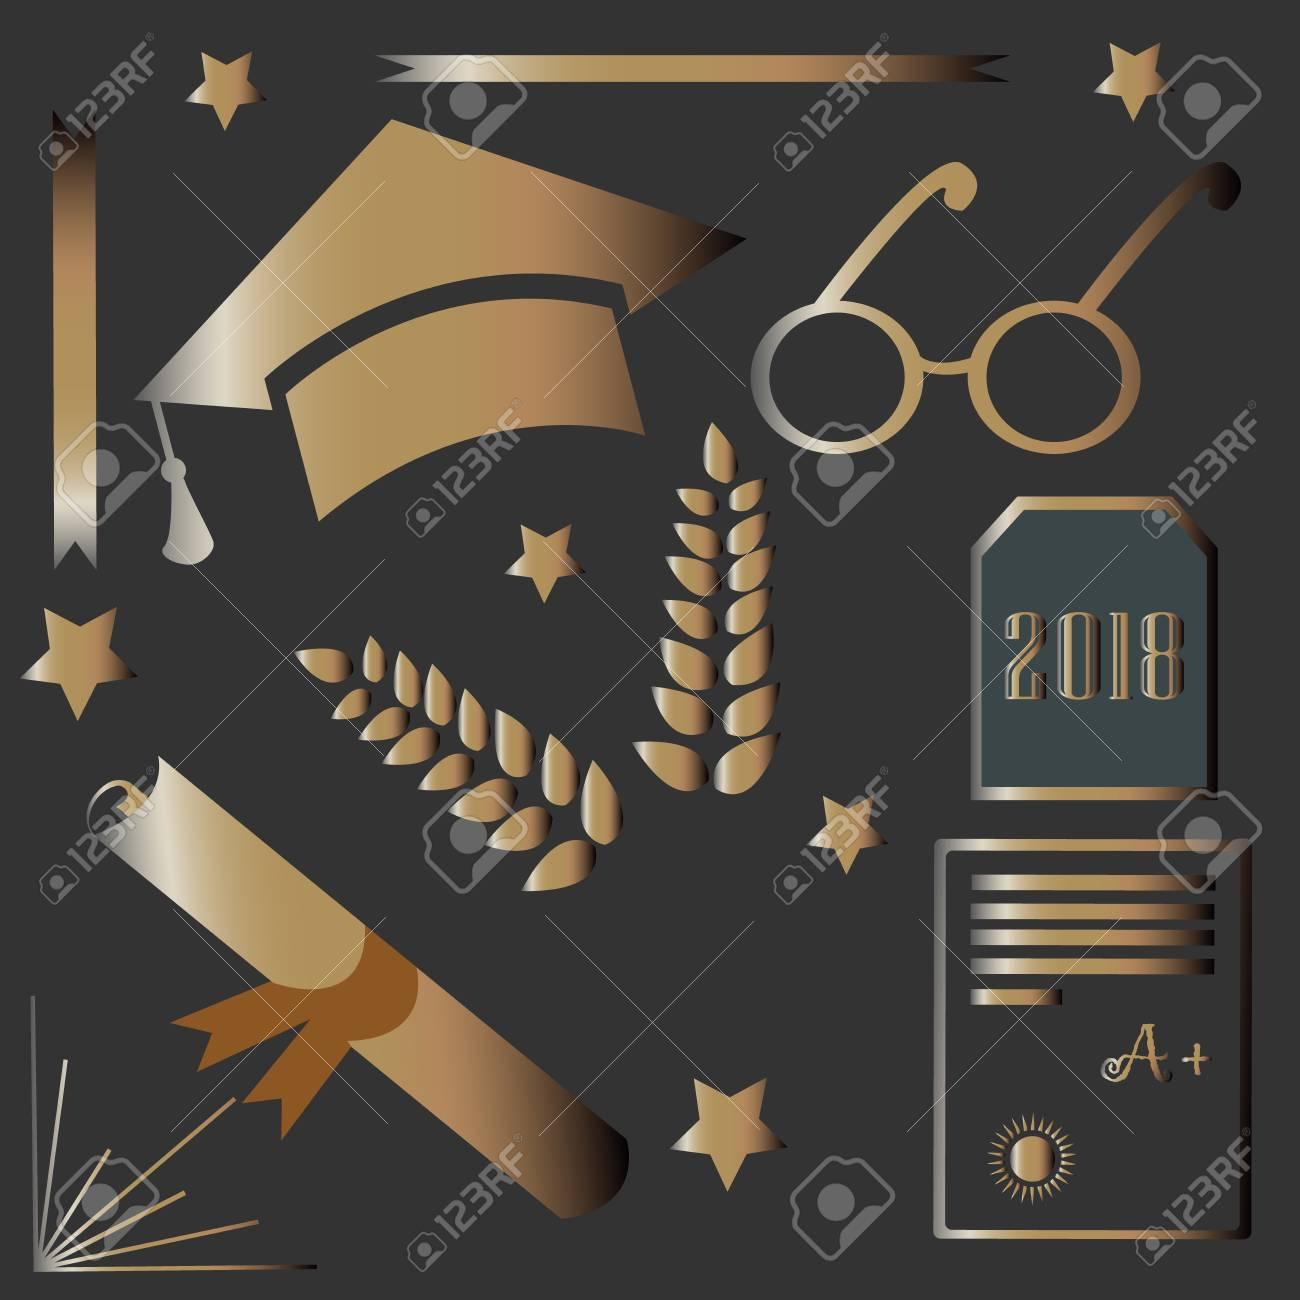 Paquete De Graduación Diseño Rico En Oro Iconos De Oro Para La Ceremonia De Graduación Tarjetas Postales Tarjetas De Felicitación Camisetas